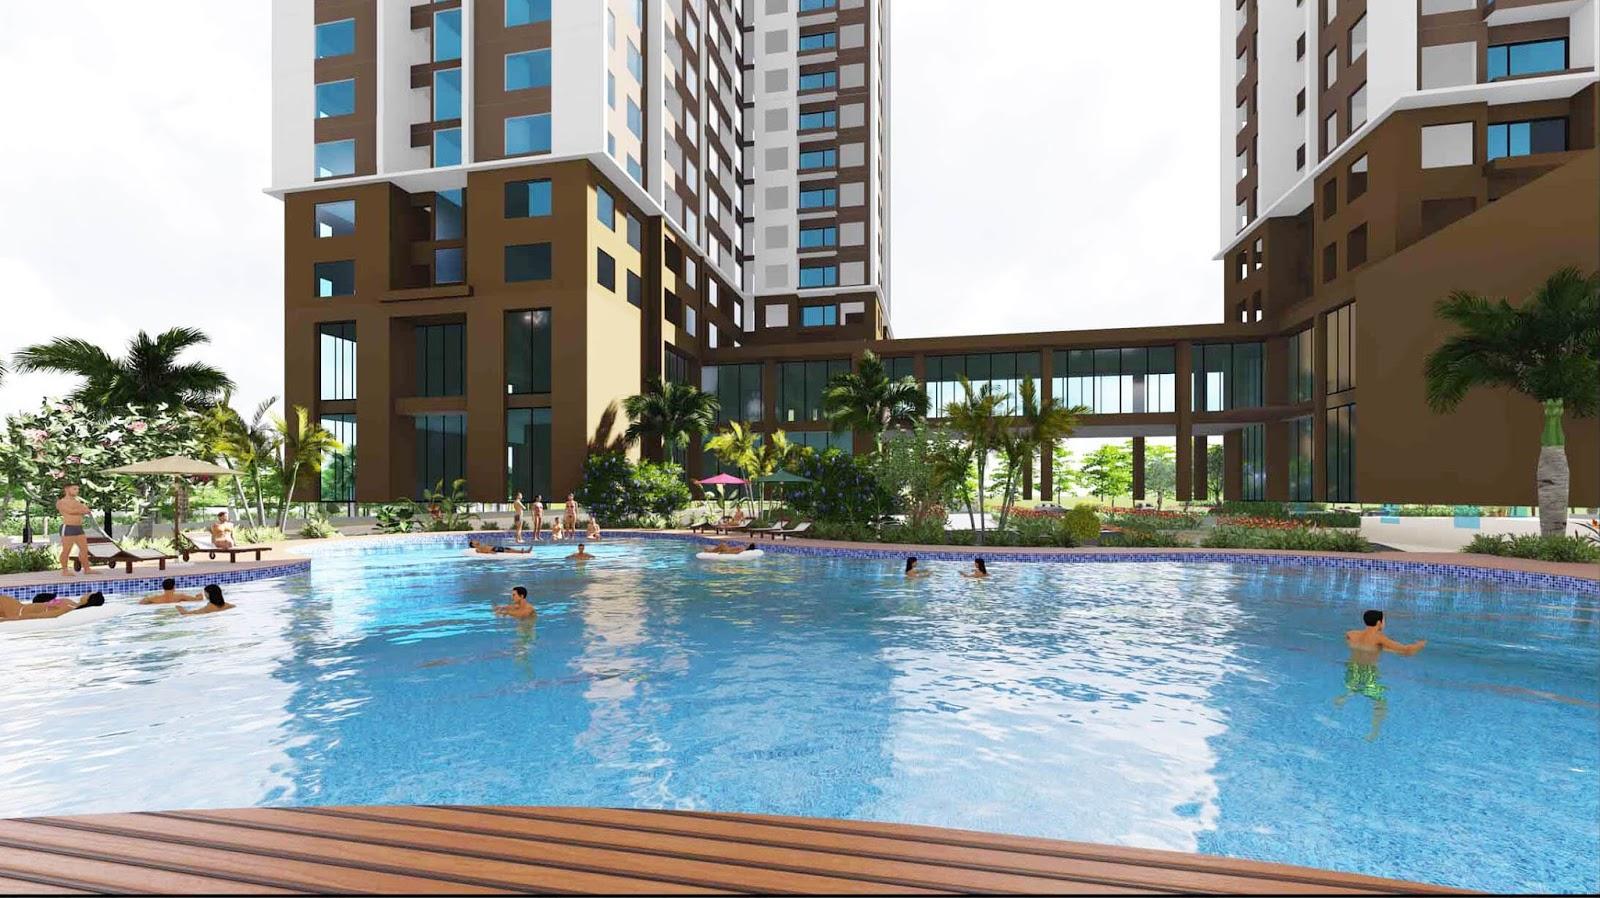 Tiện ích bể bơi cao cấp tại dự án chung cư An Bình City